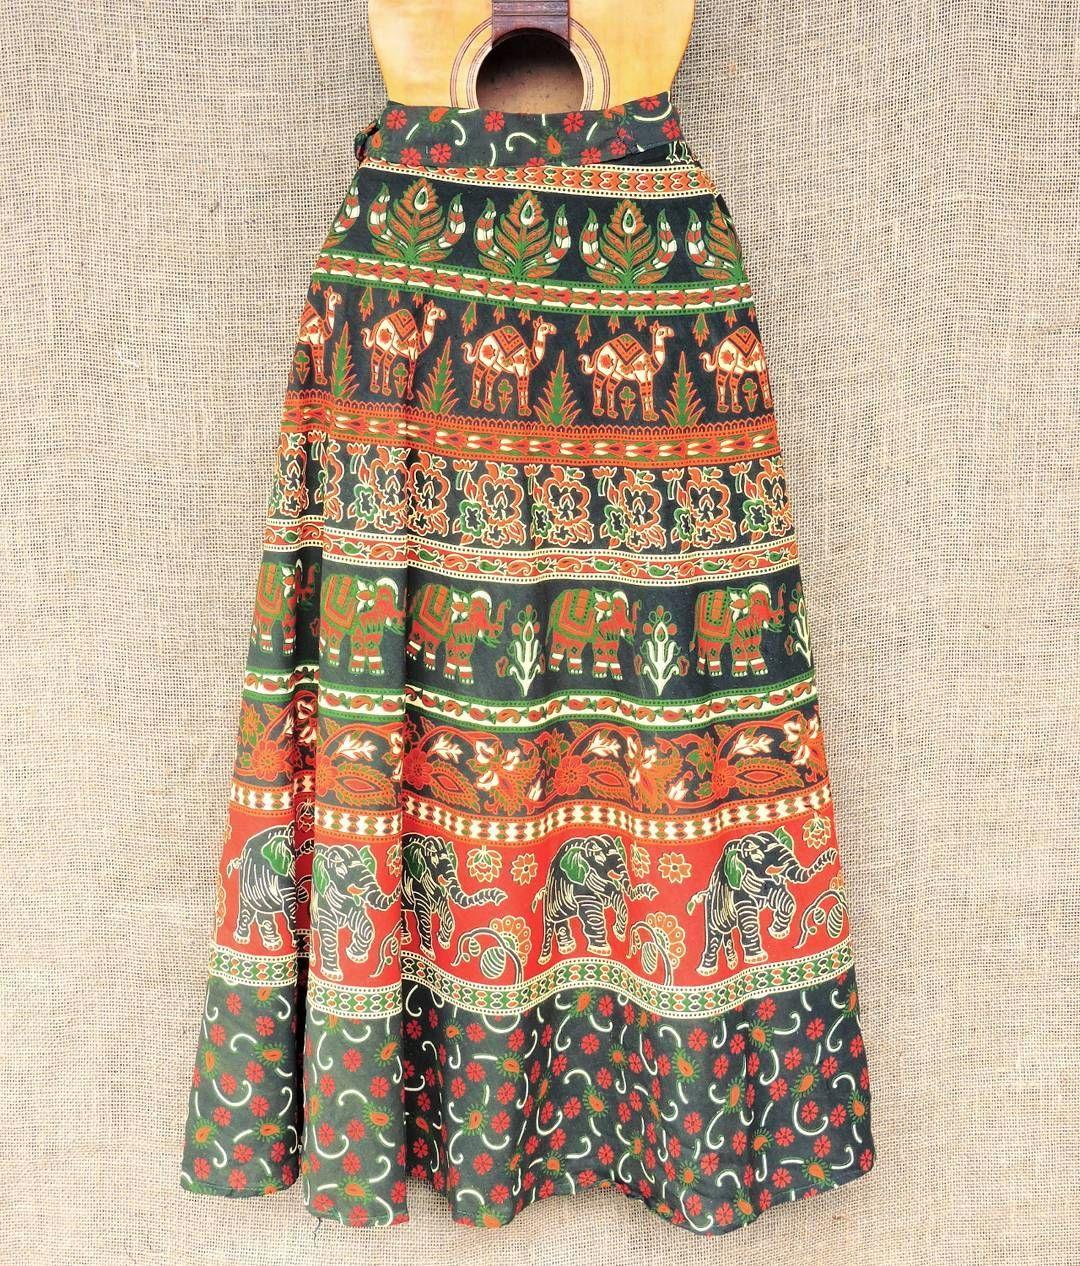 39b5b46968 Saias indianas envelope. Estampas lindas e artesanais em algodão.  Adaptam-se ao seu corpo do P ao G e contribuem para estilo mais livre e  natural.